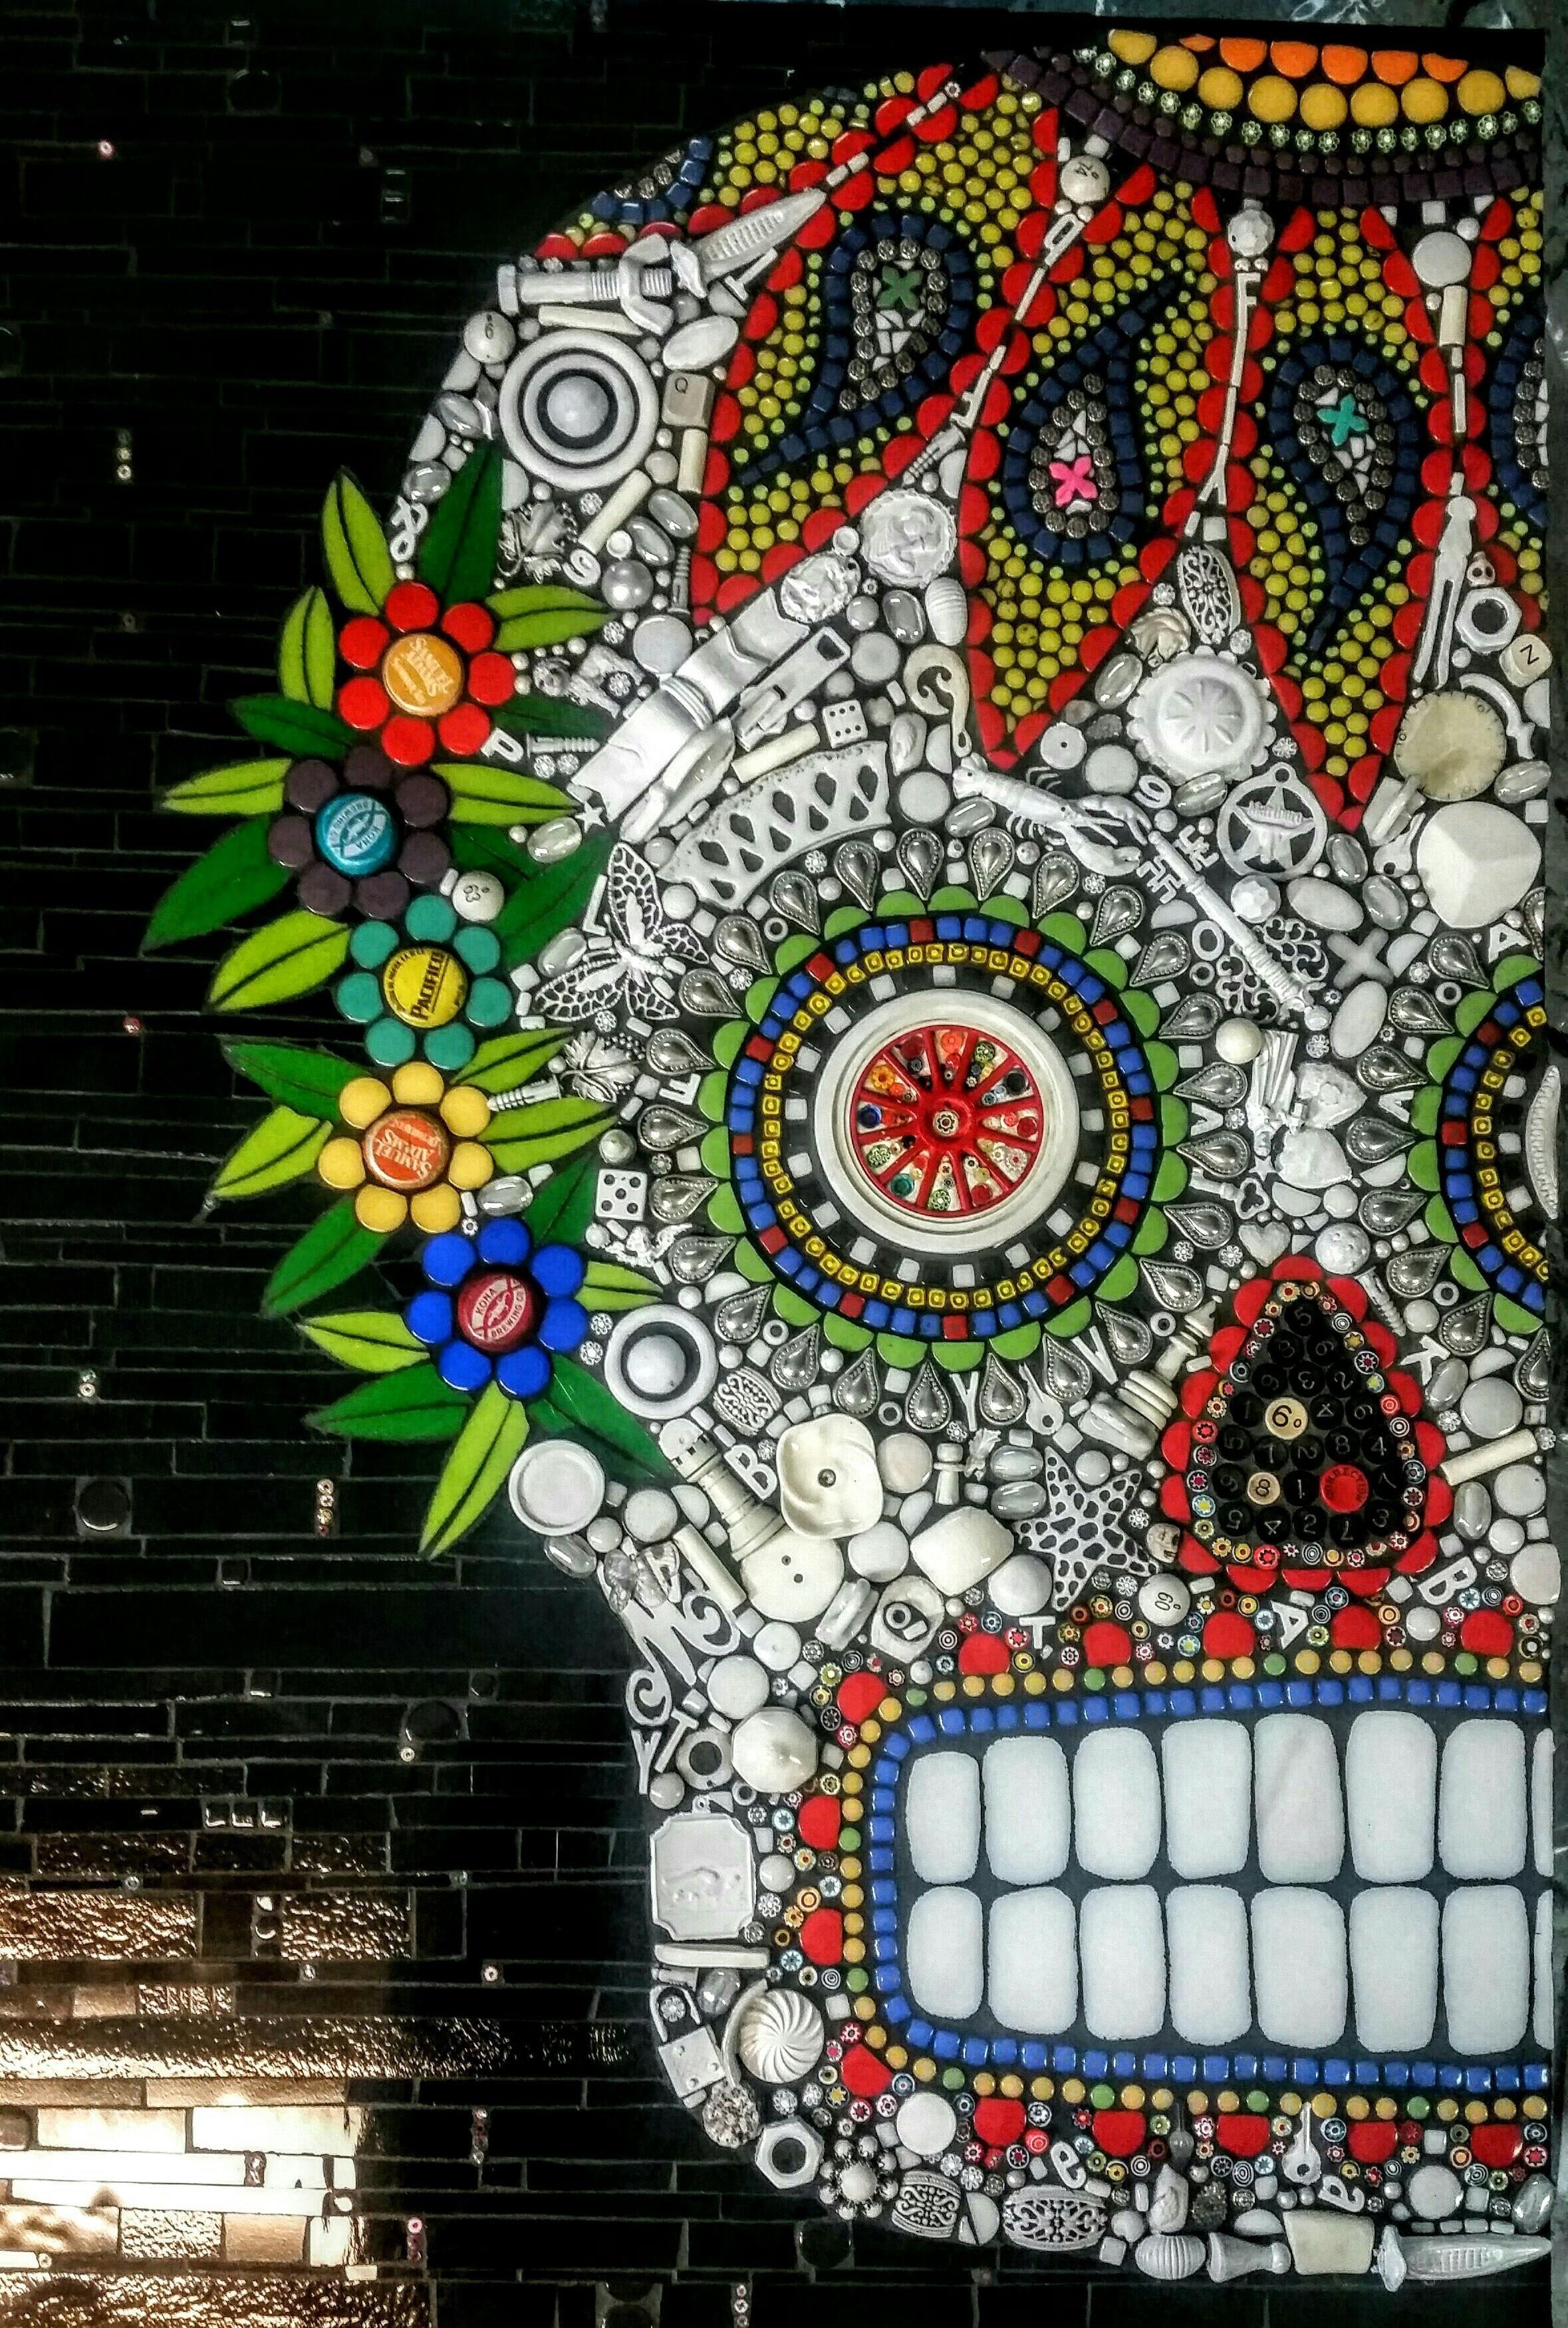 Sugar Skull - Delphi Artist Mosaic